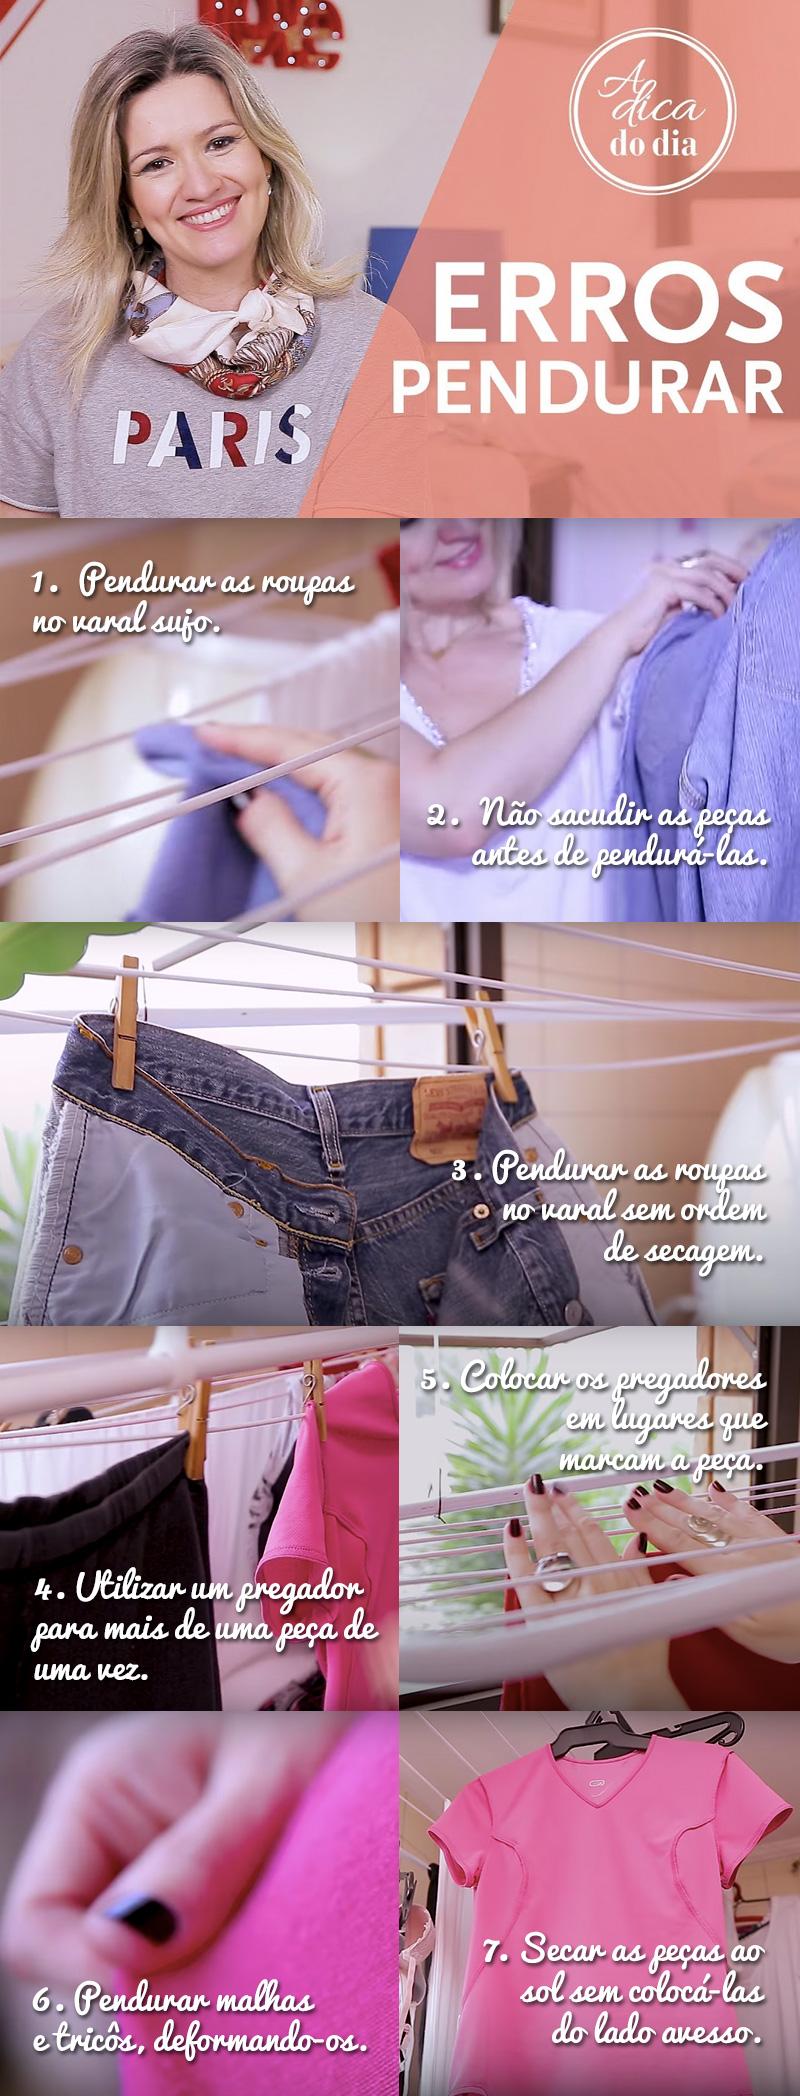 erros na hora de pendurar as roupas